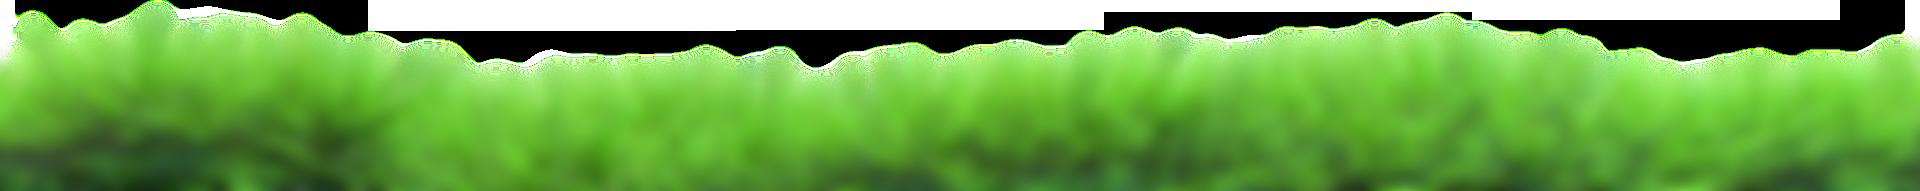 grass - Inicio